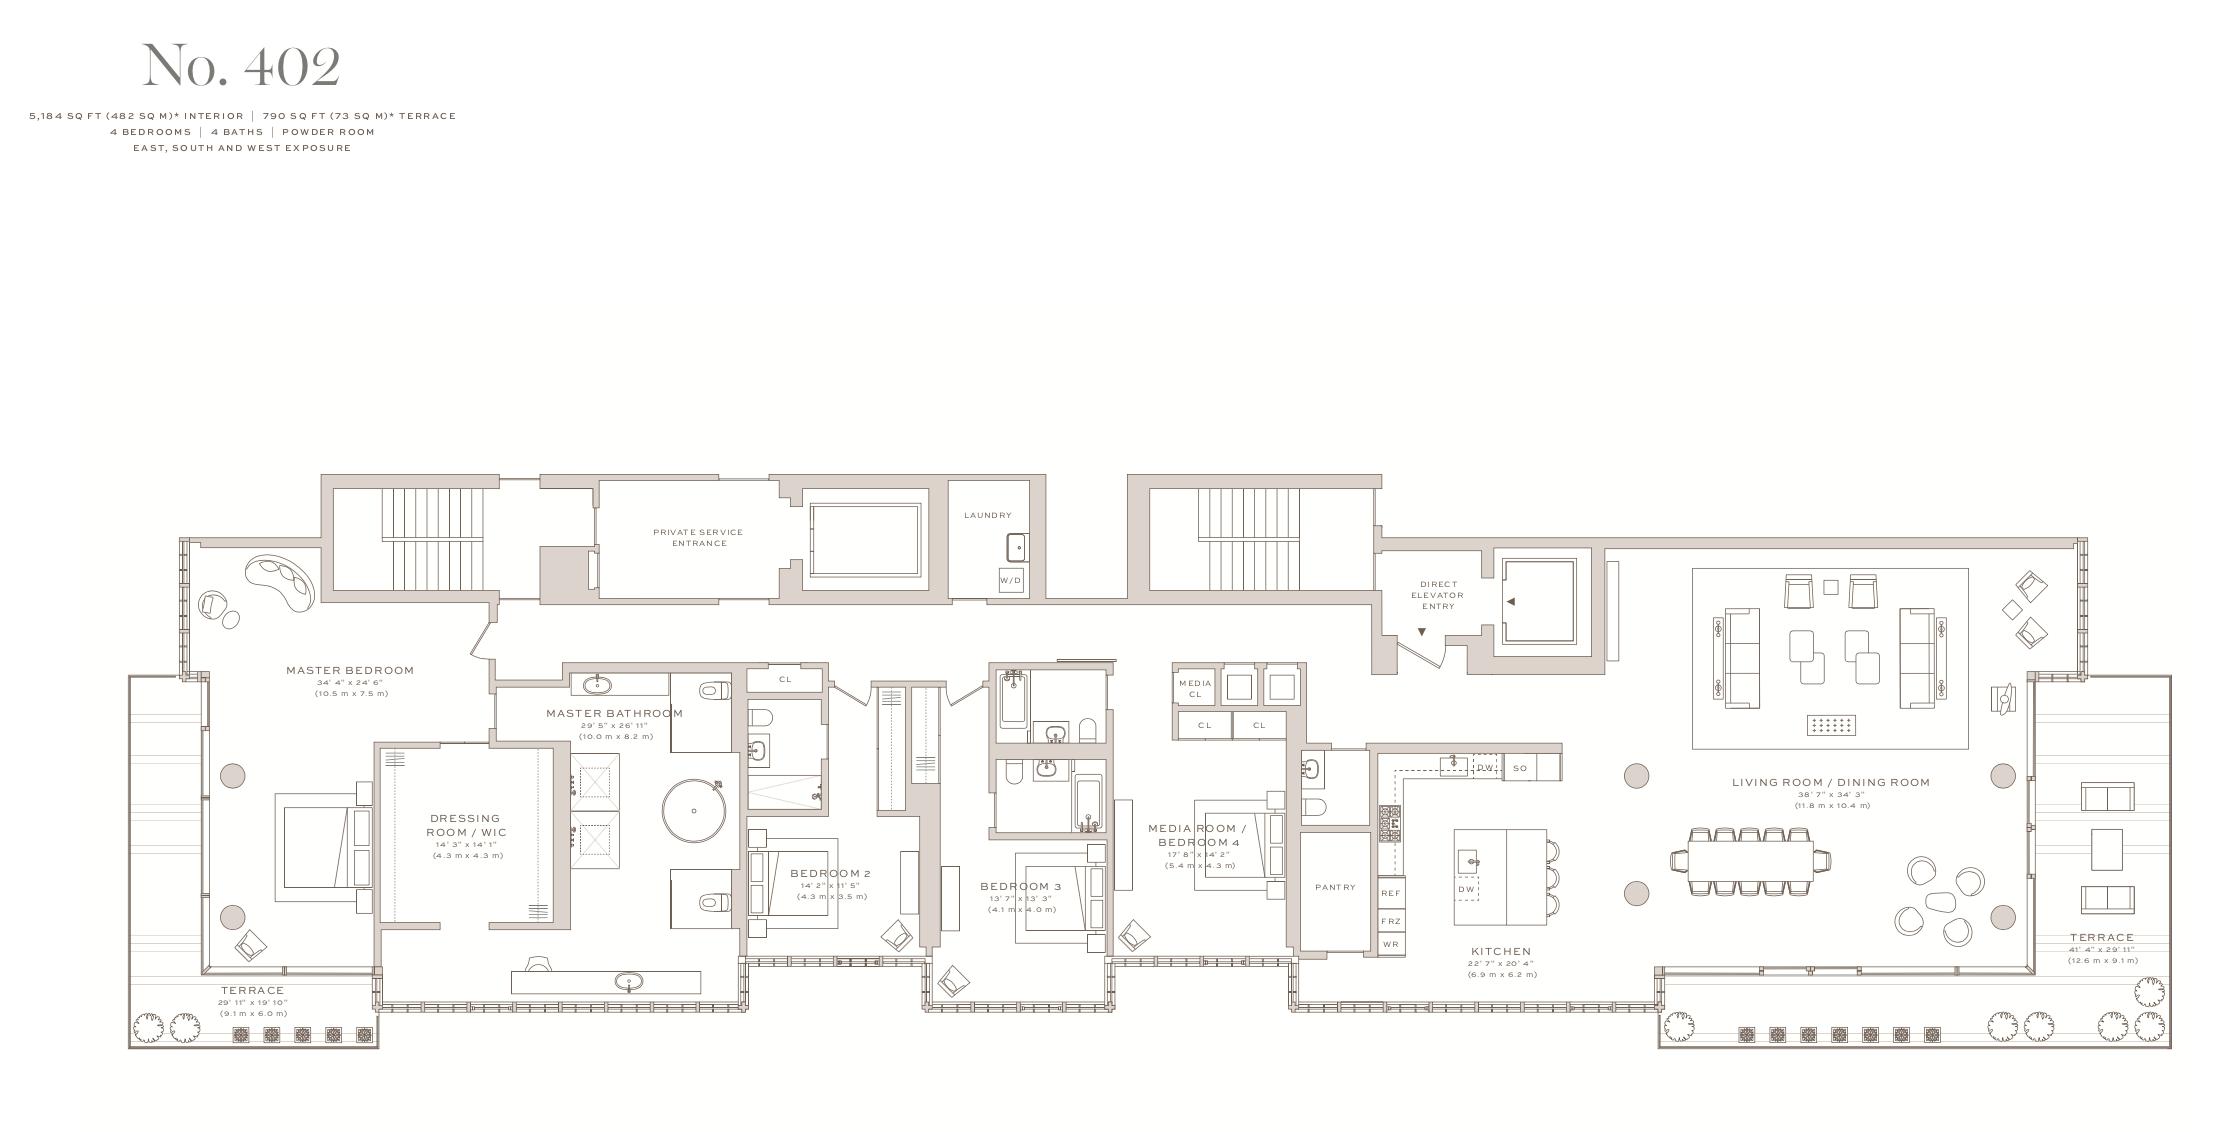 Arte Surfside | Residence 402 | 4 Bedrooms |5,184 SF